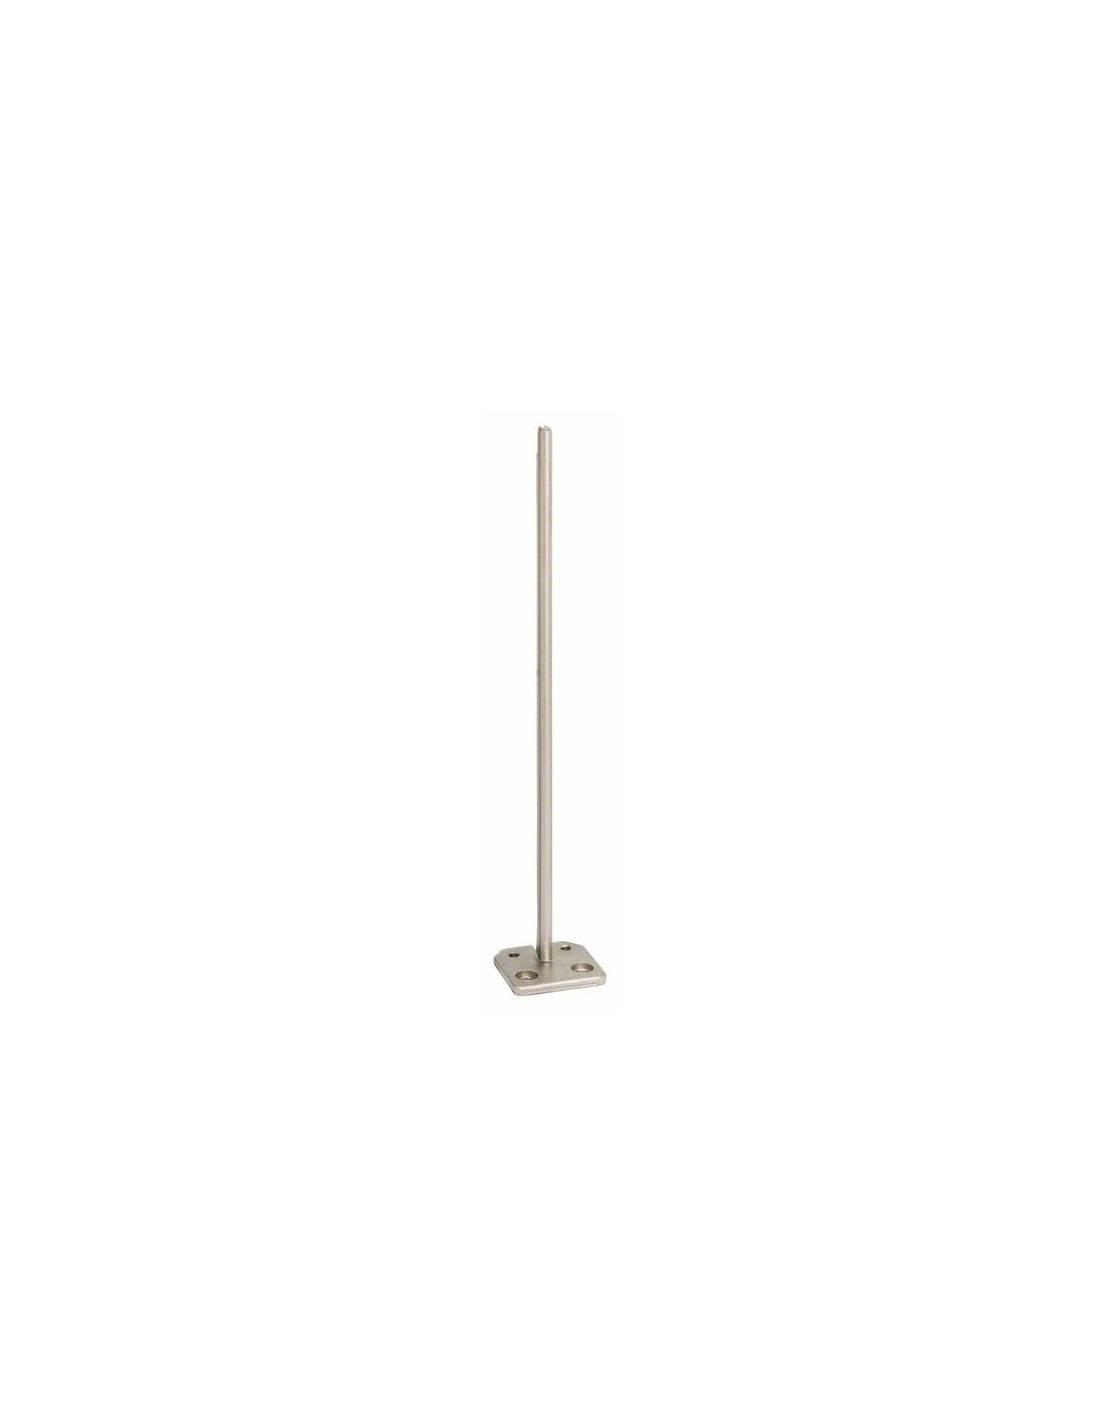 Guide de lame 200 mm pour scie à mousse GSG 300 - 2608135021 - Bosch ... ceb6b7edc5d7